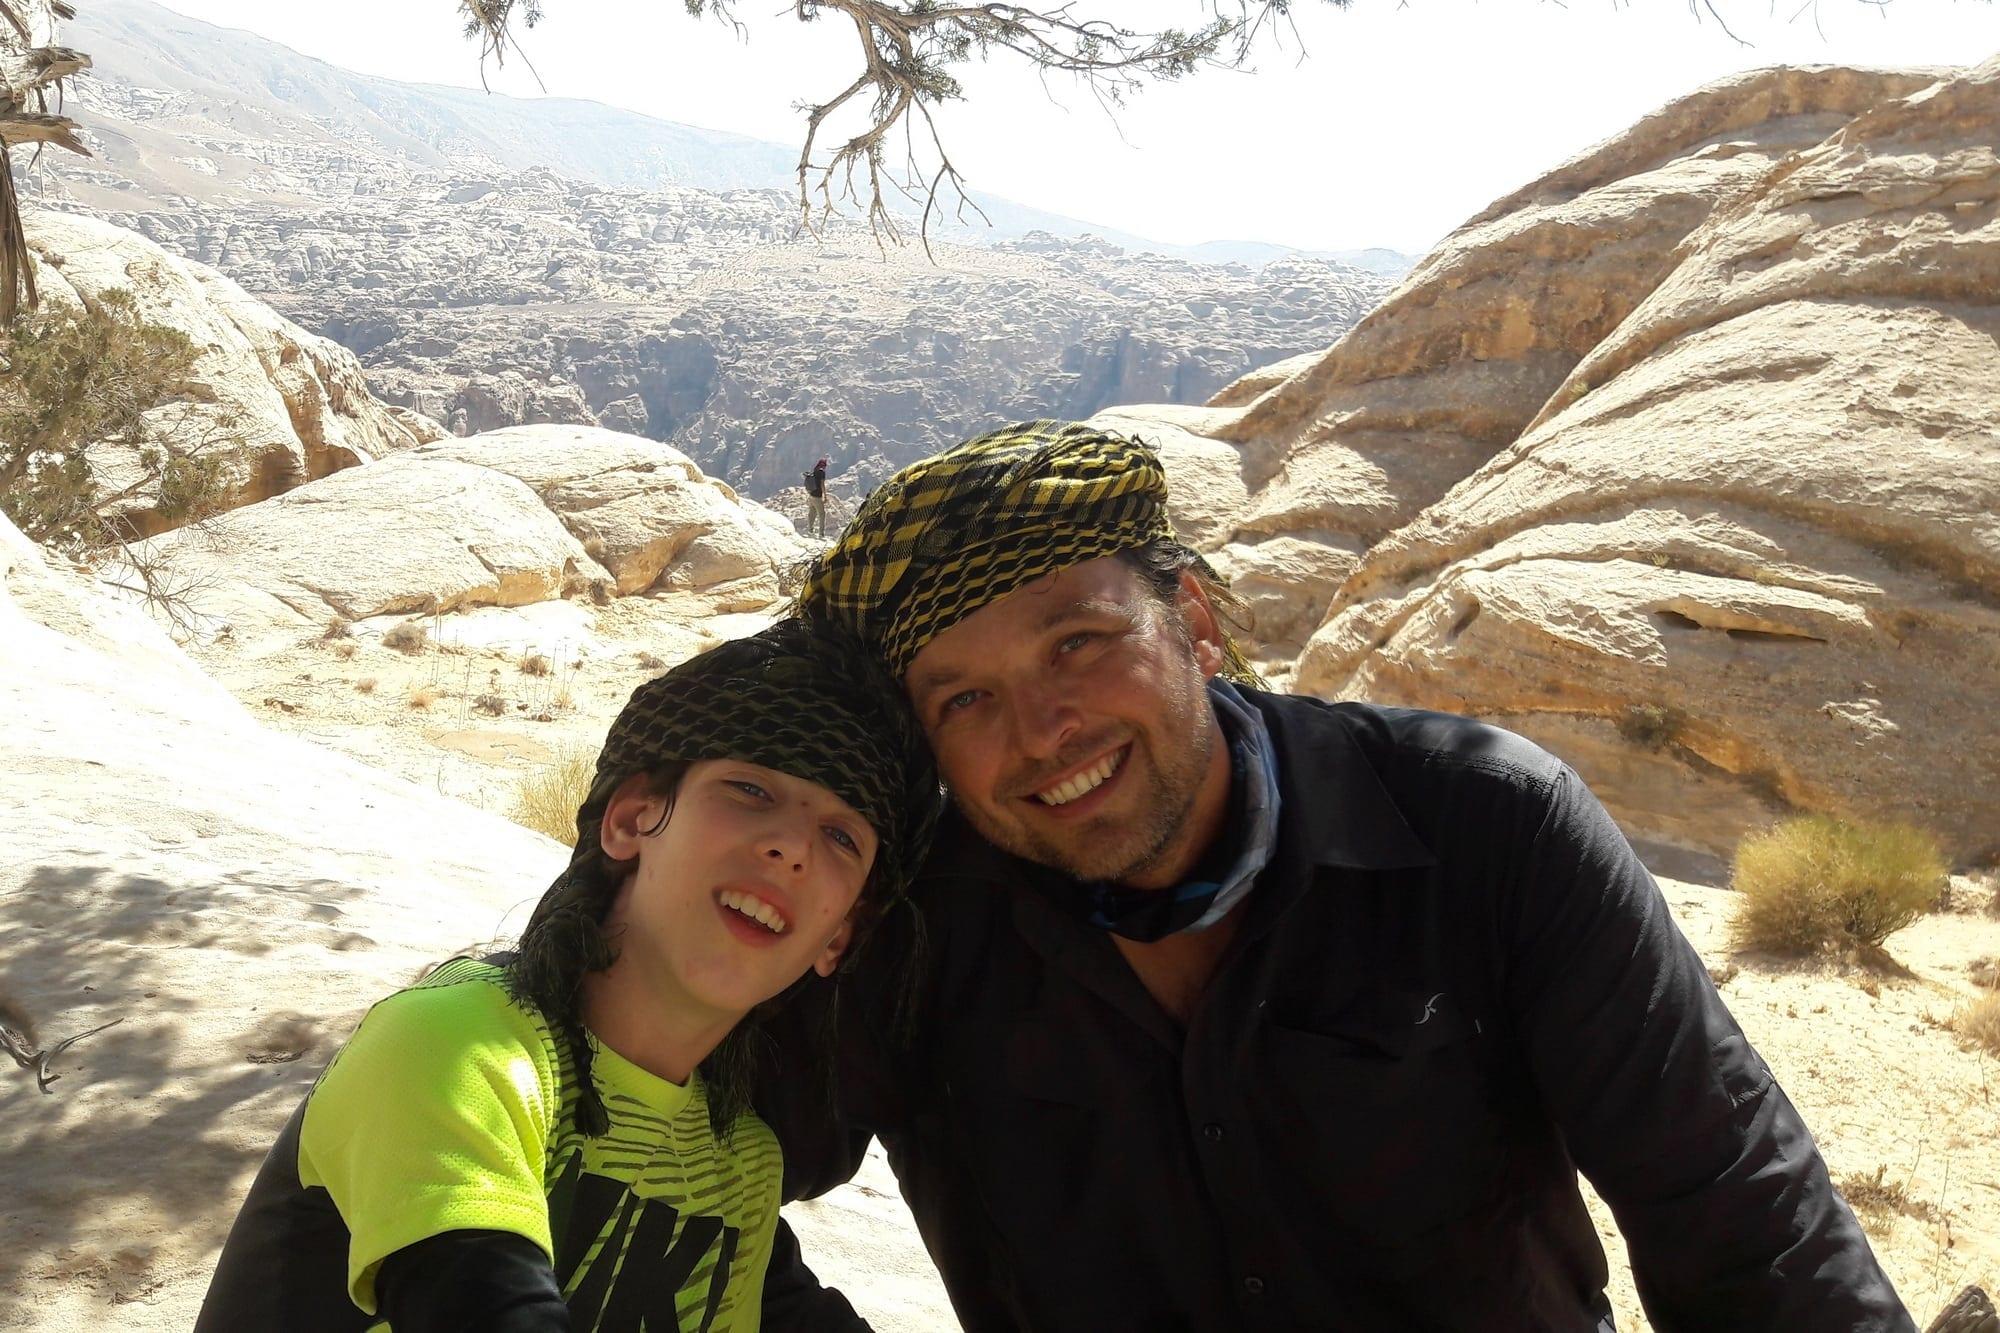 מטיבי לכת בירדן - ראג'ף – Jordan עם ערוצים בטבע